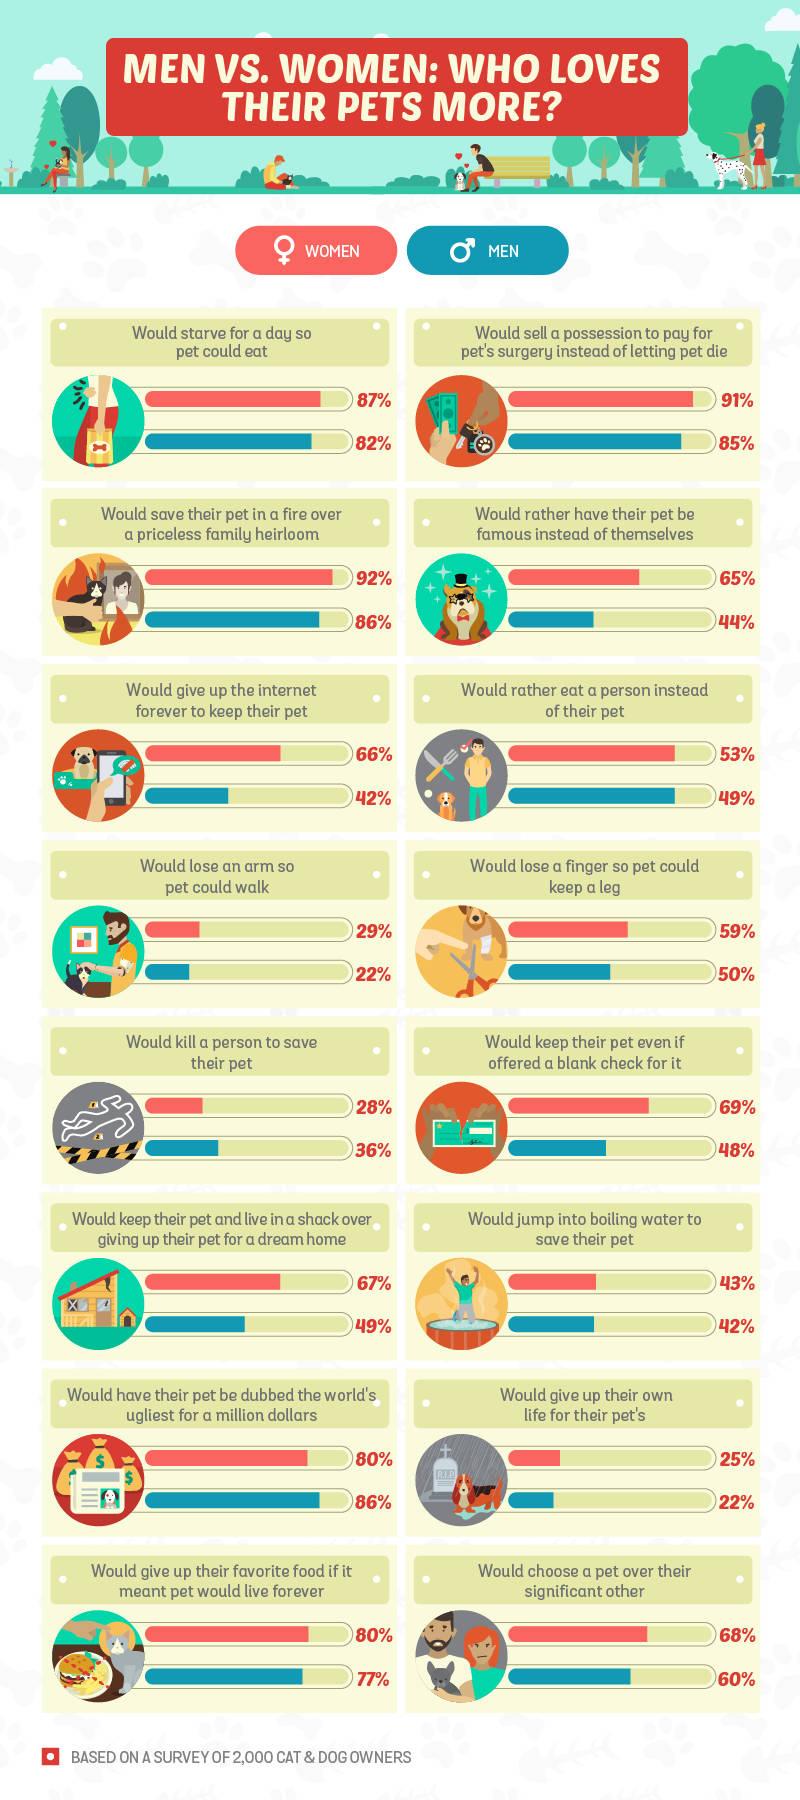 Men vs Women Who Loves Them More?